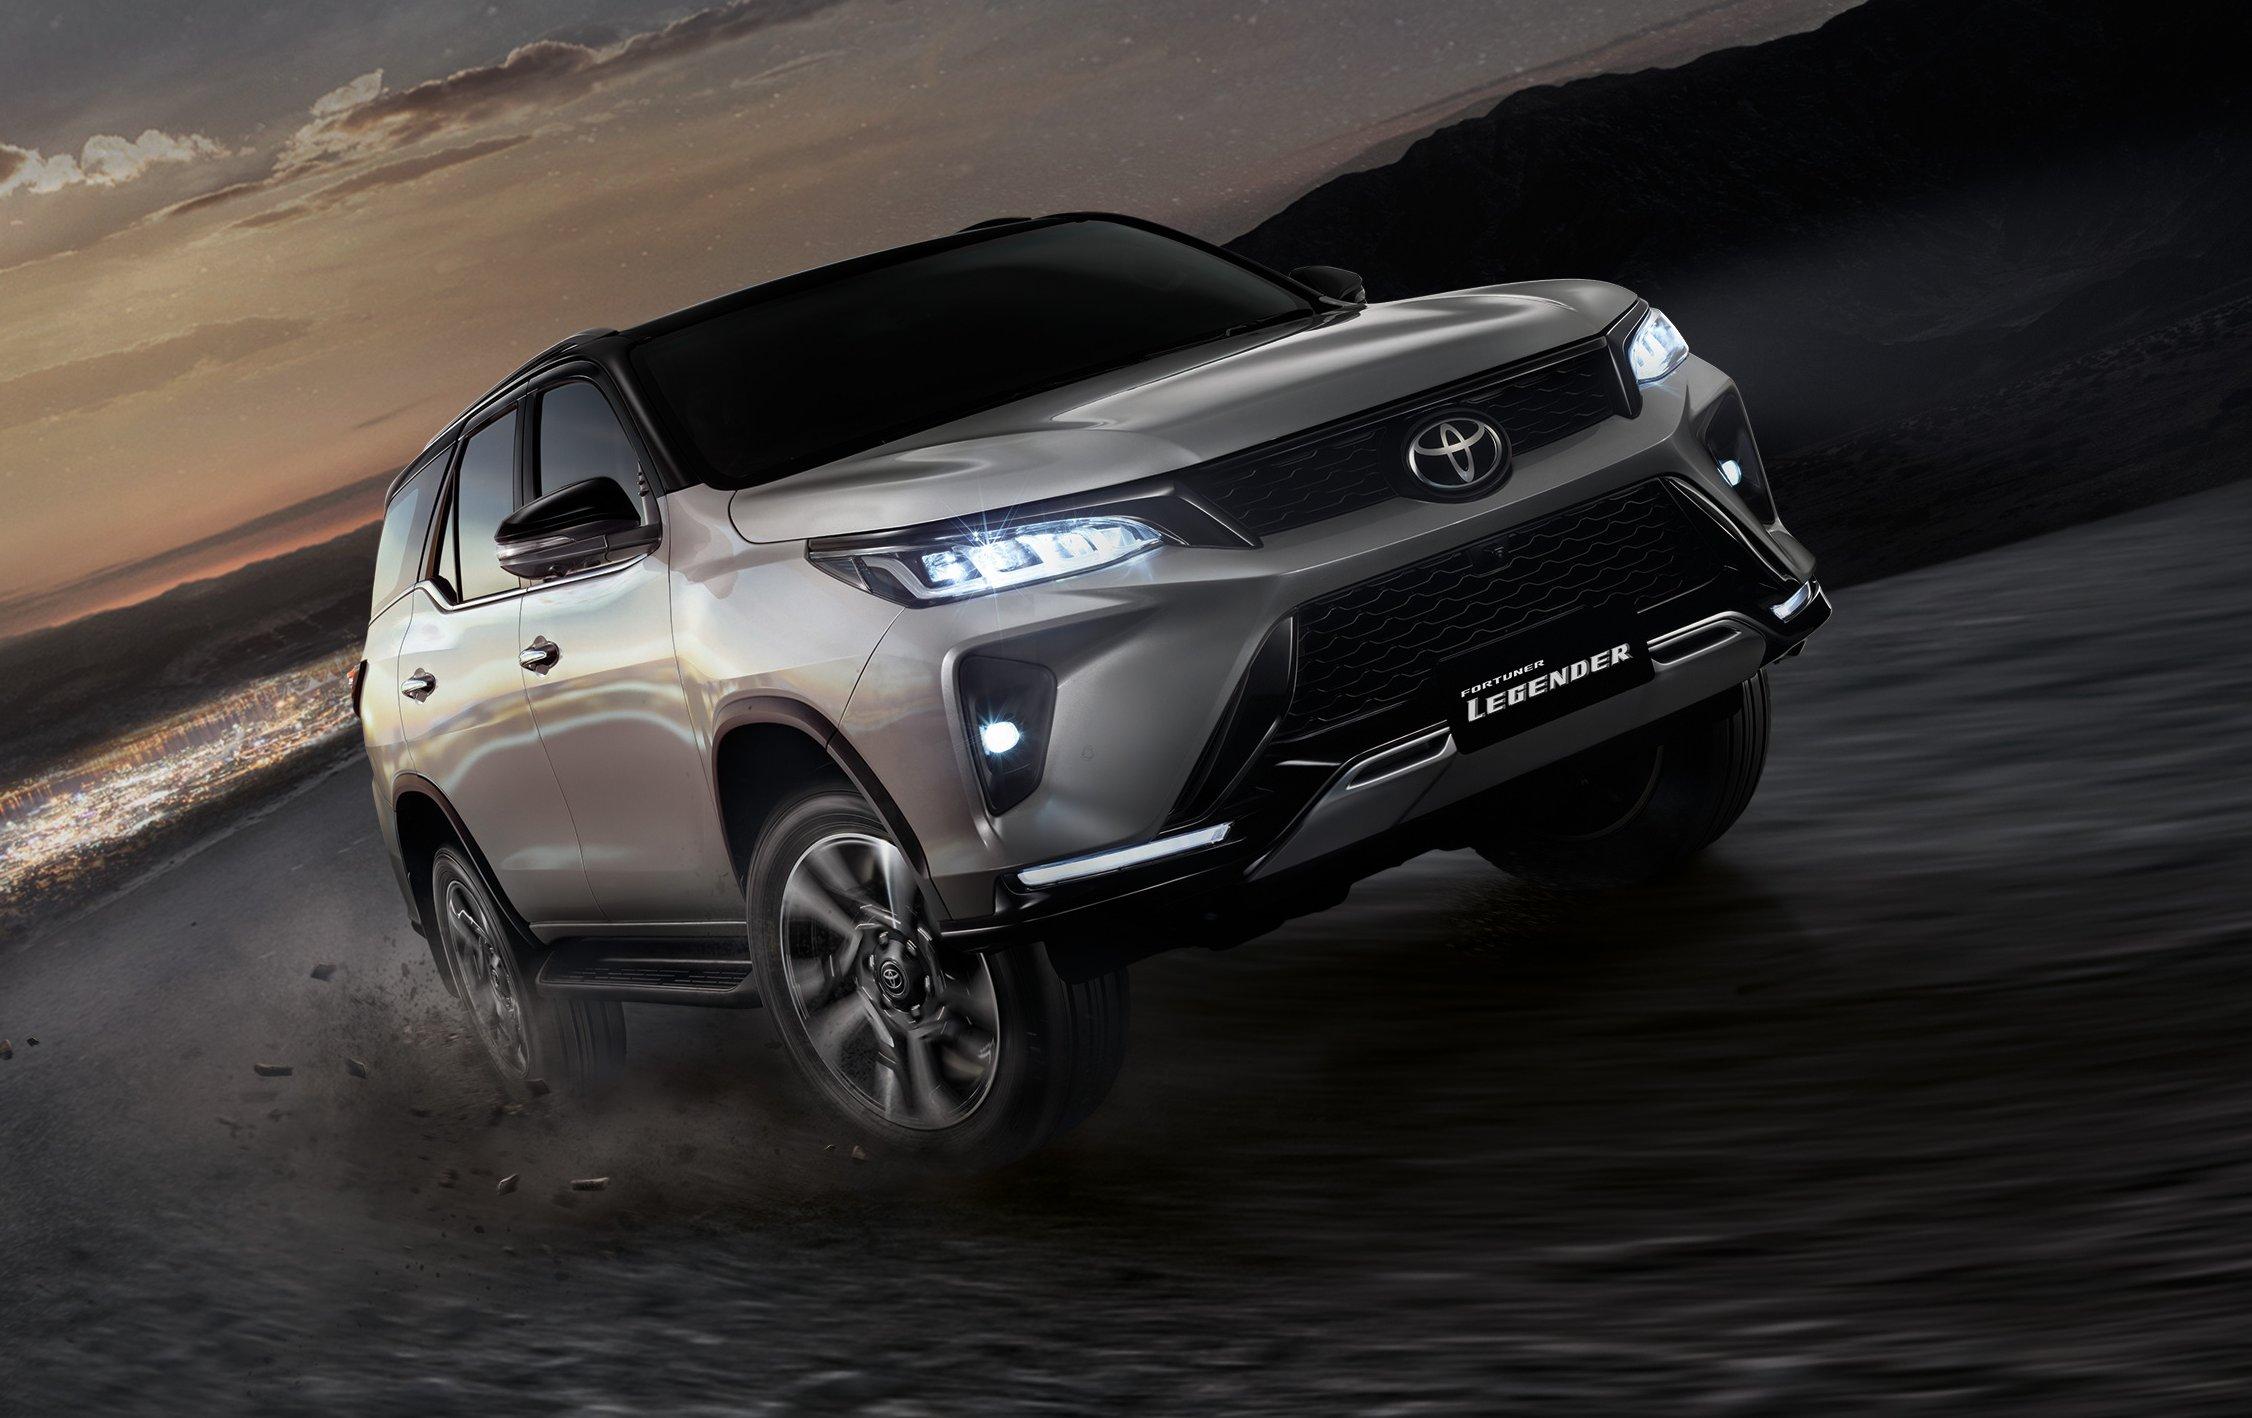 Toyota Fortuner Legender 4